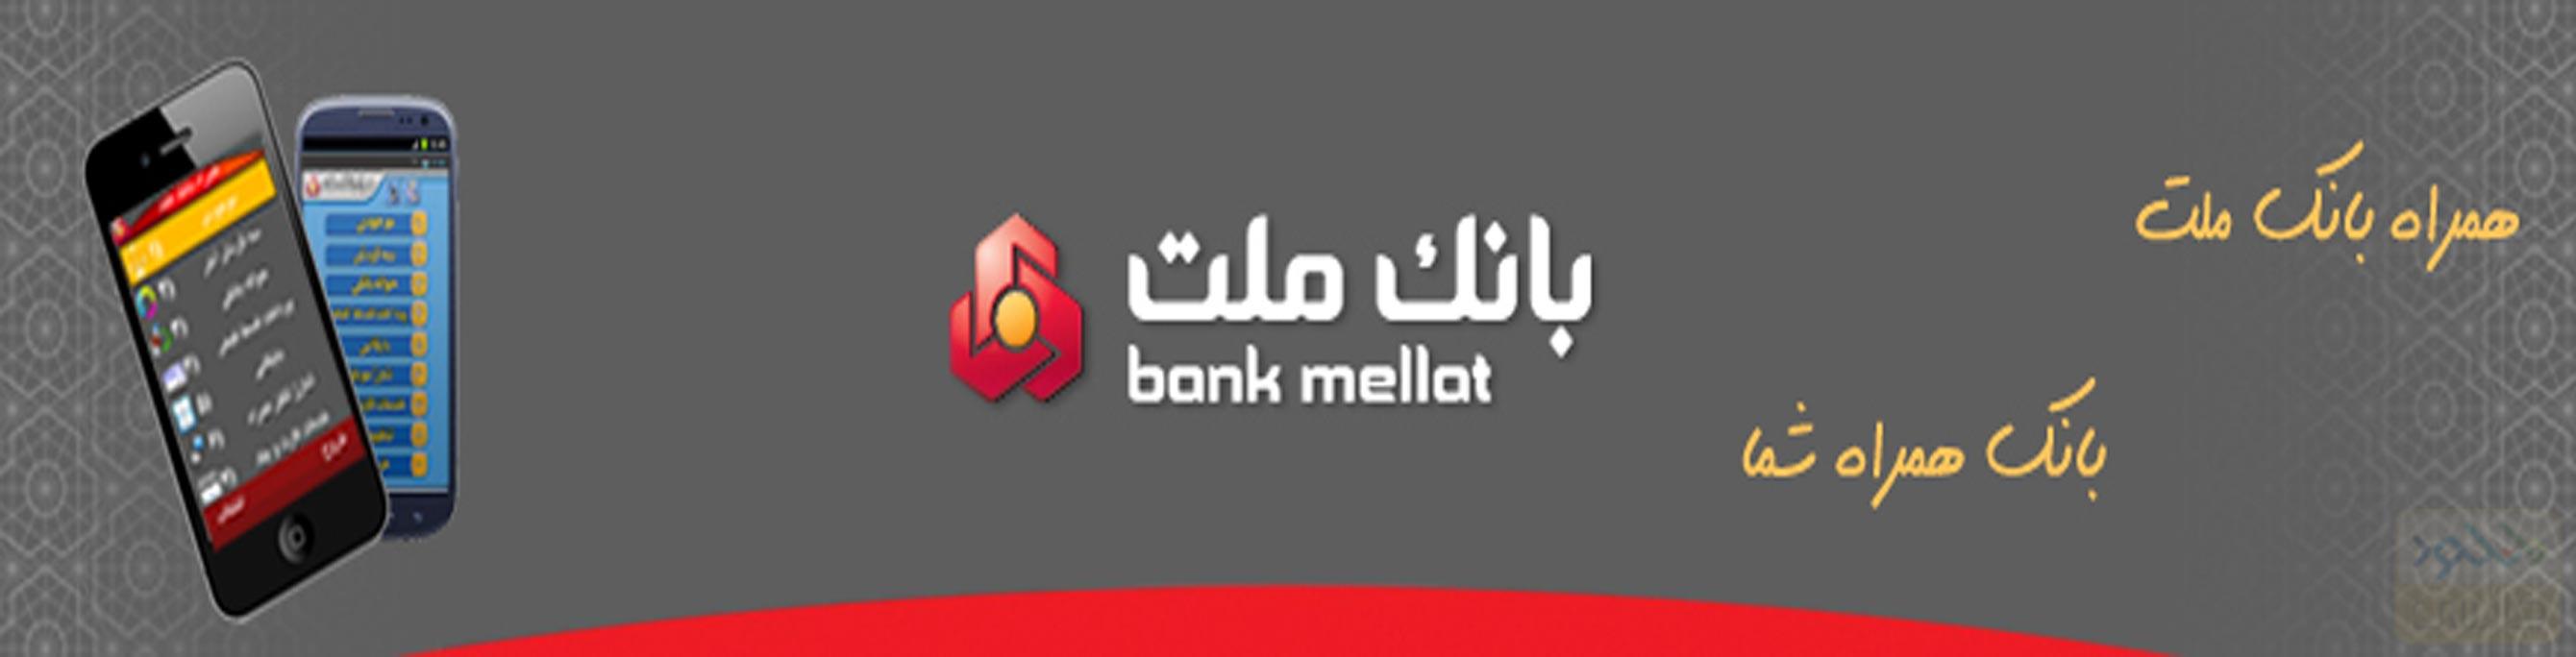 نرم افزار بانک ملت برای آیفون